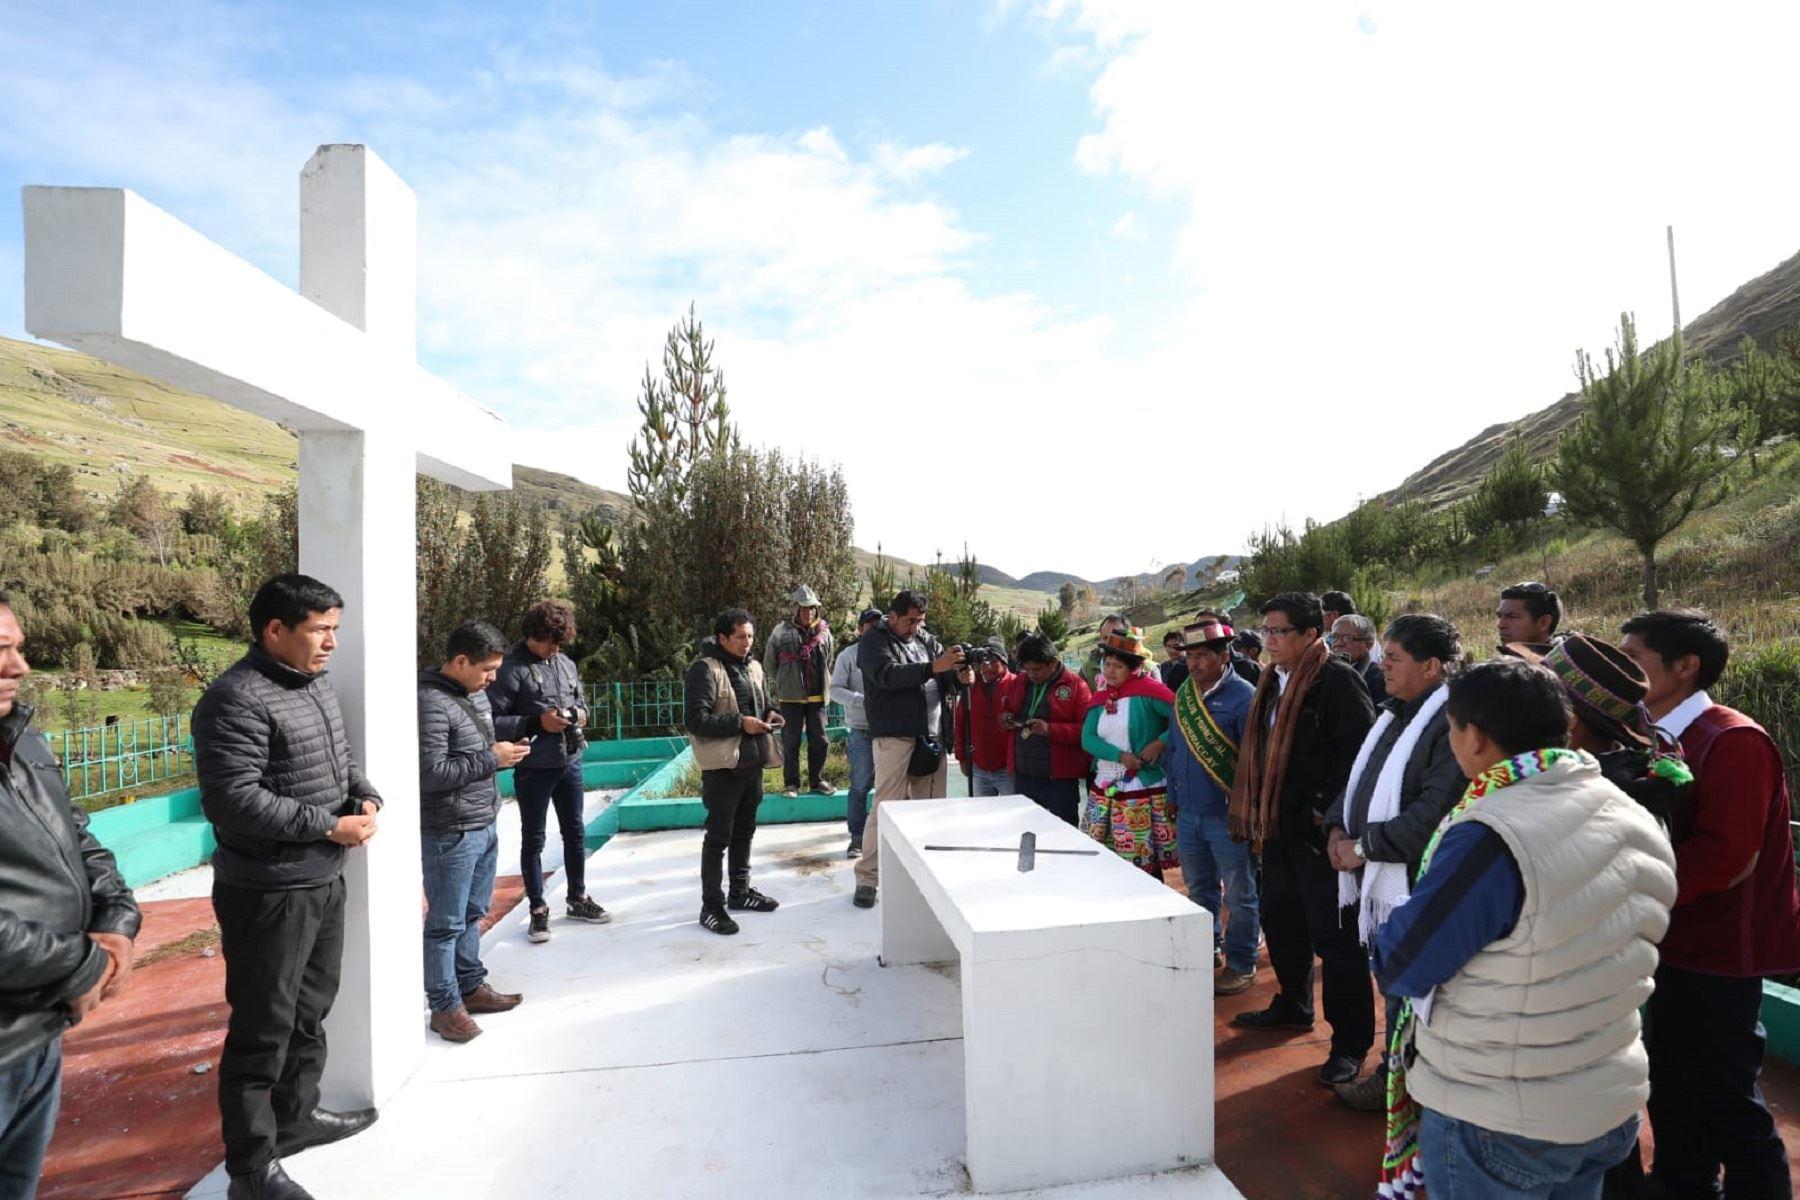 Jefe del Consejo de Ministros, Vicente Zeballos, en Uchuraccay, Ayacucho. Foto: Difusión.